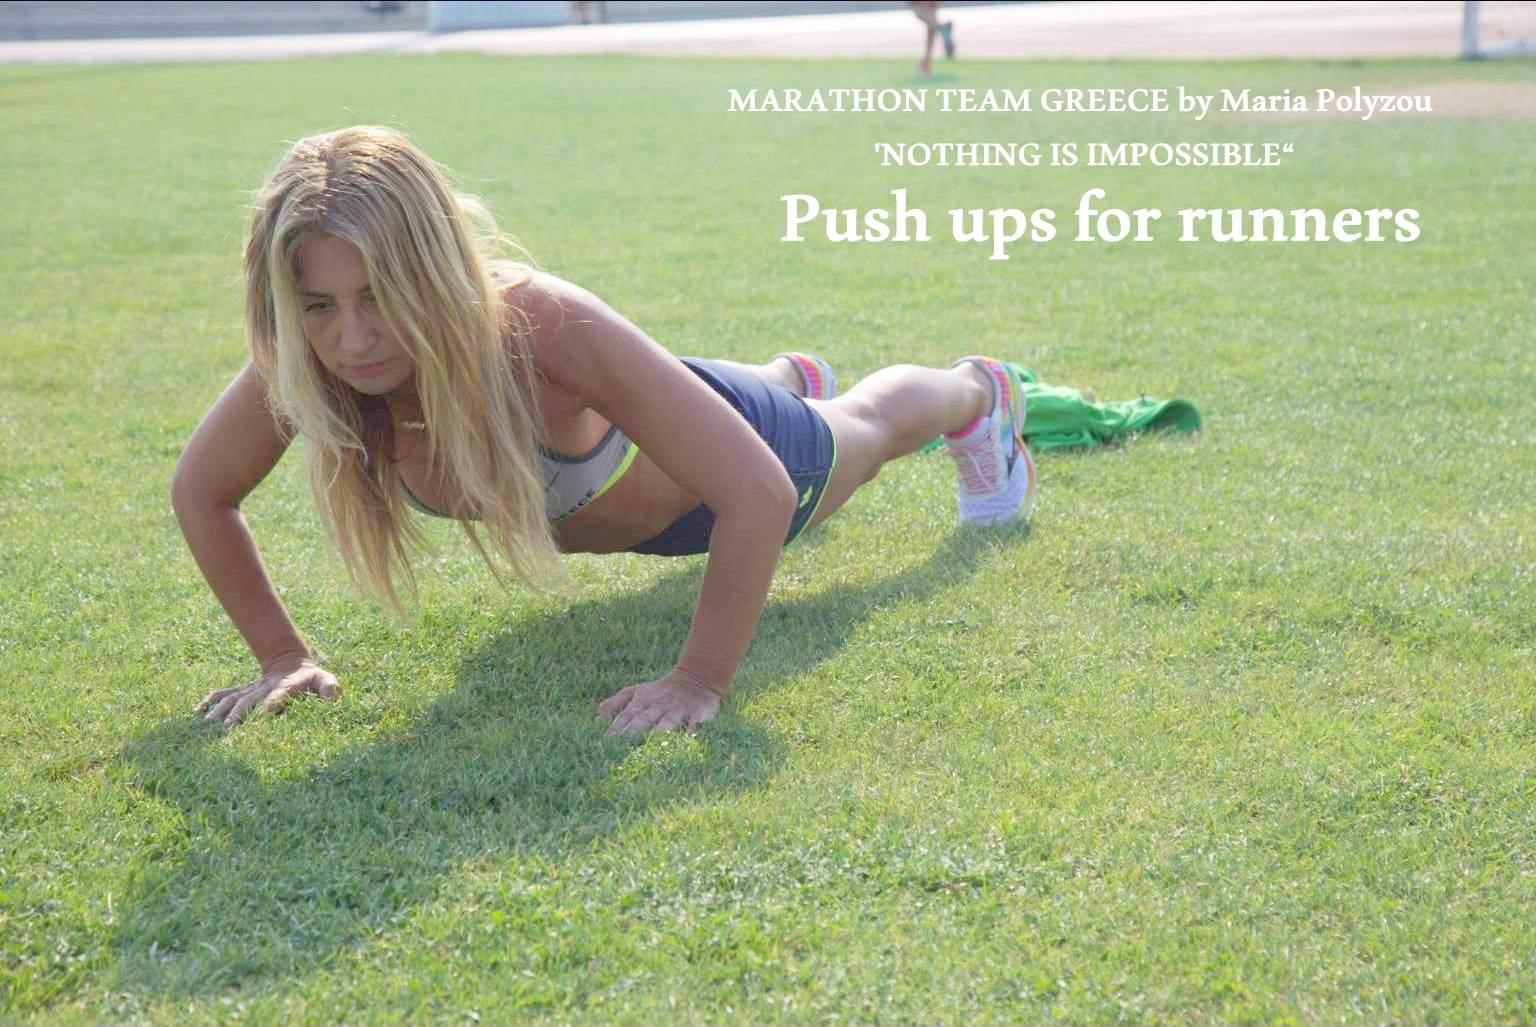 Maria Polyzou pushups 1